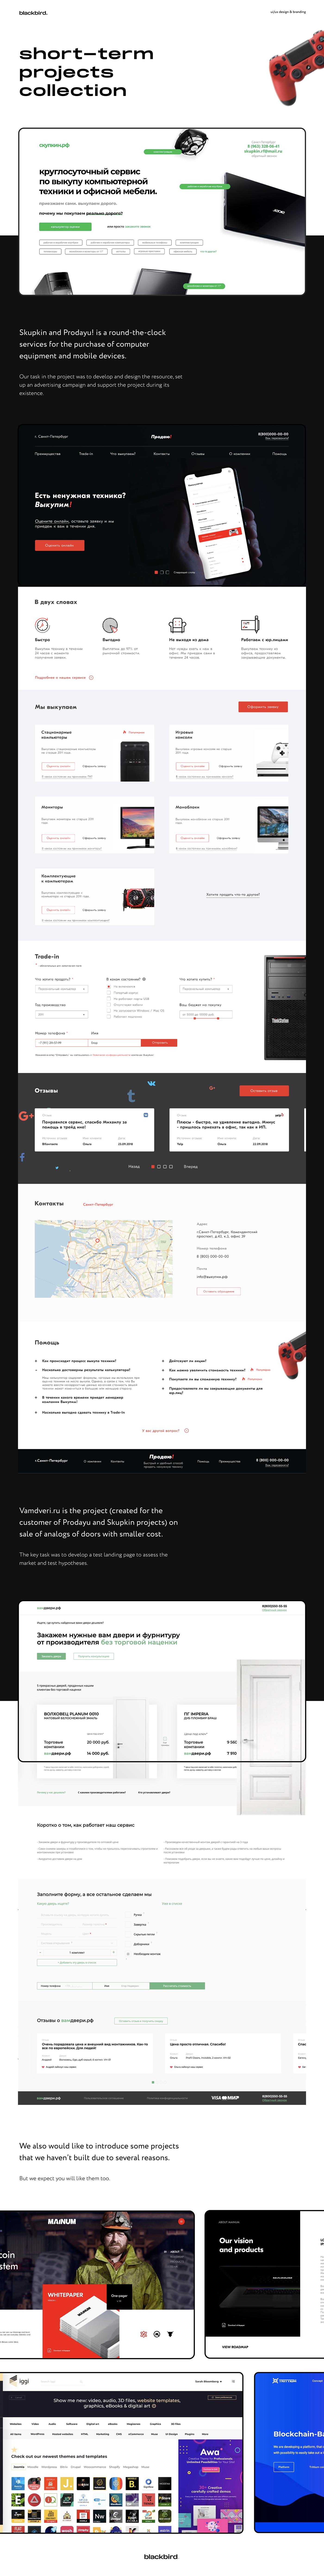 landing page corporate websites Platform UI UX design